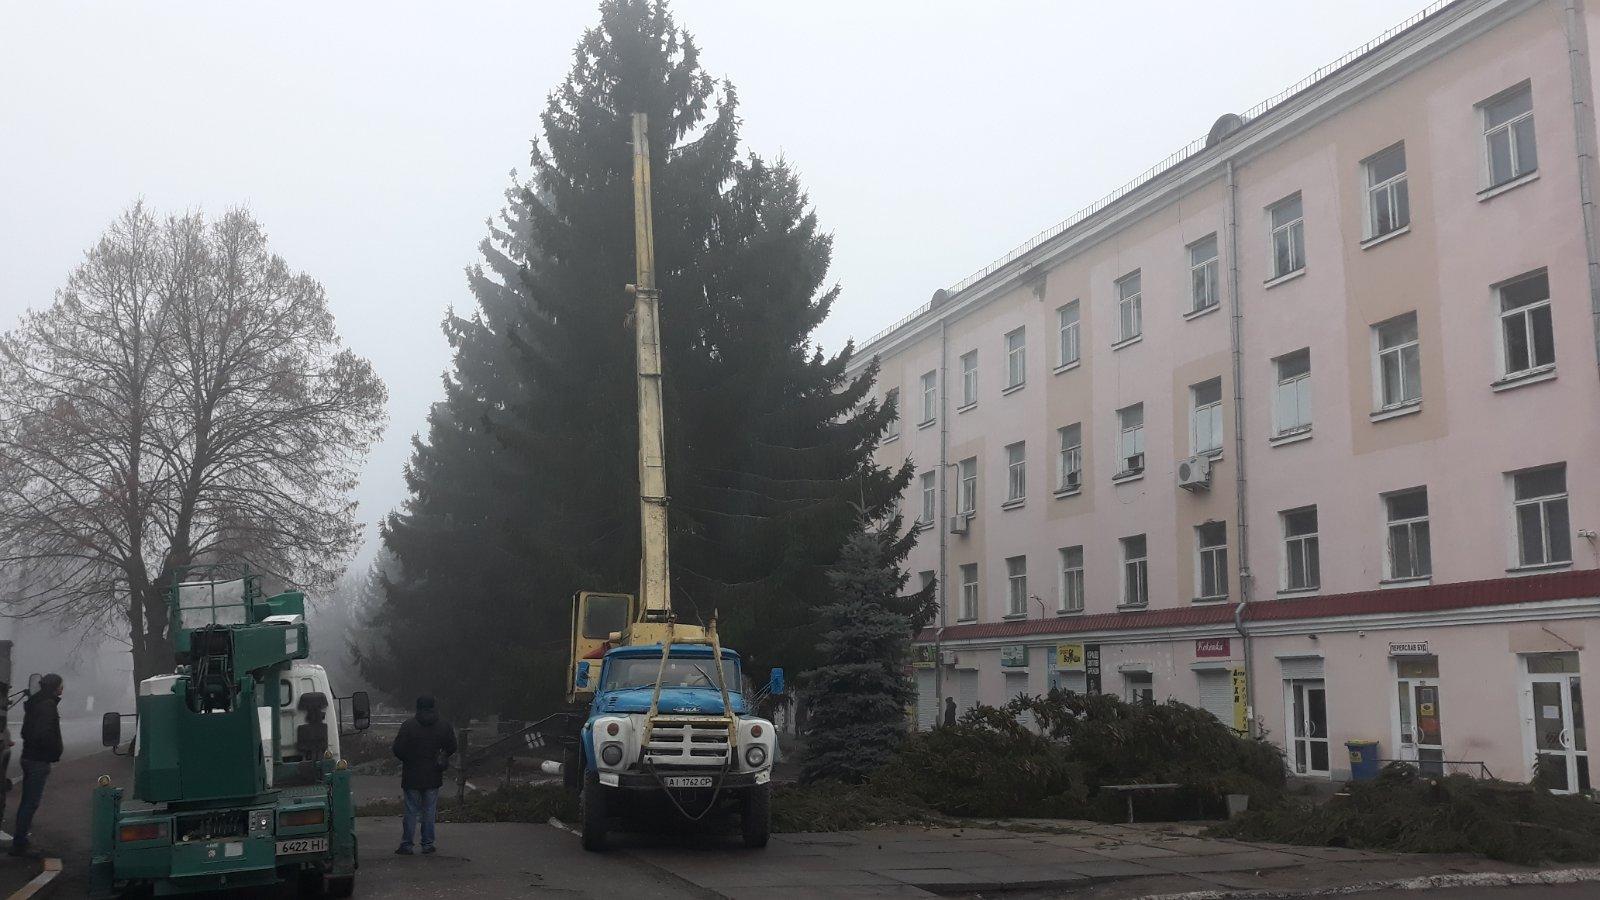 Переяславців обурила вирубка ялинок на приватній землі -  - yzobrazhenye viber 2019 12 12 10 21 16